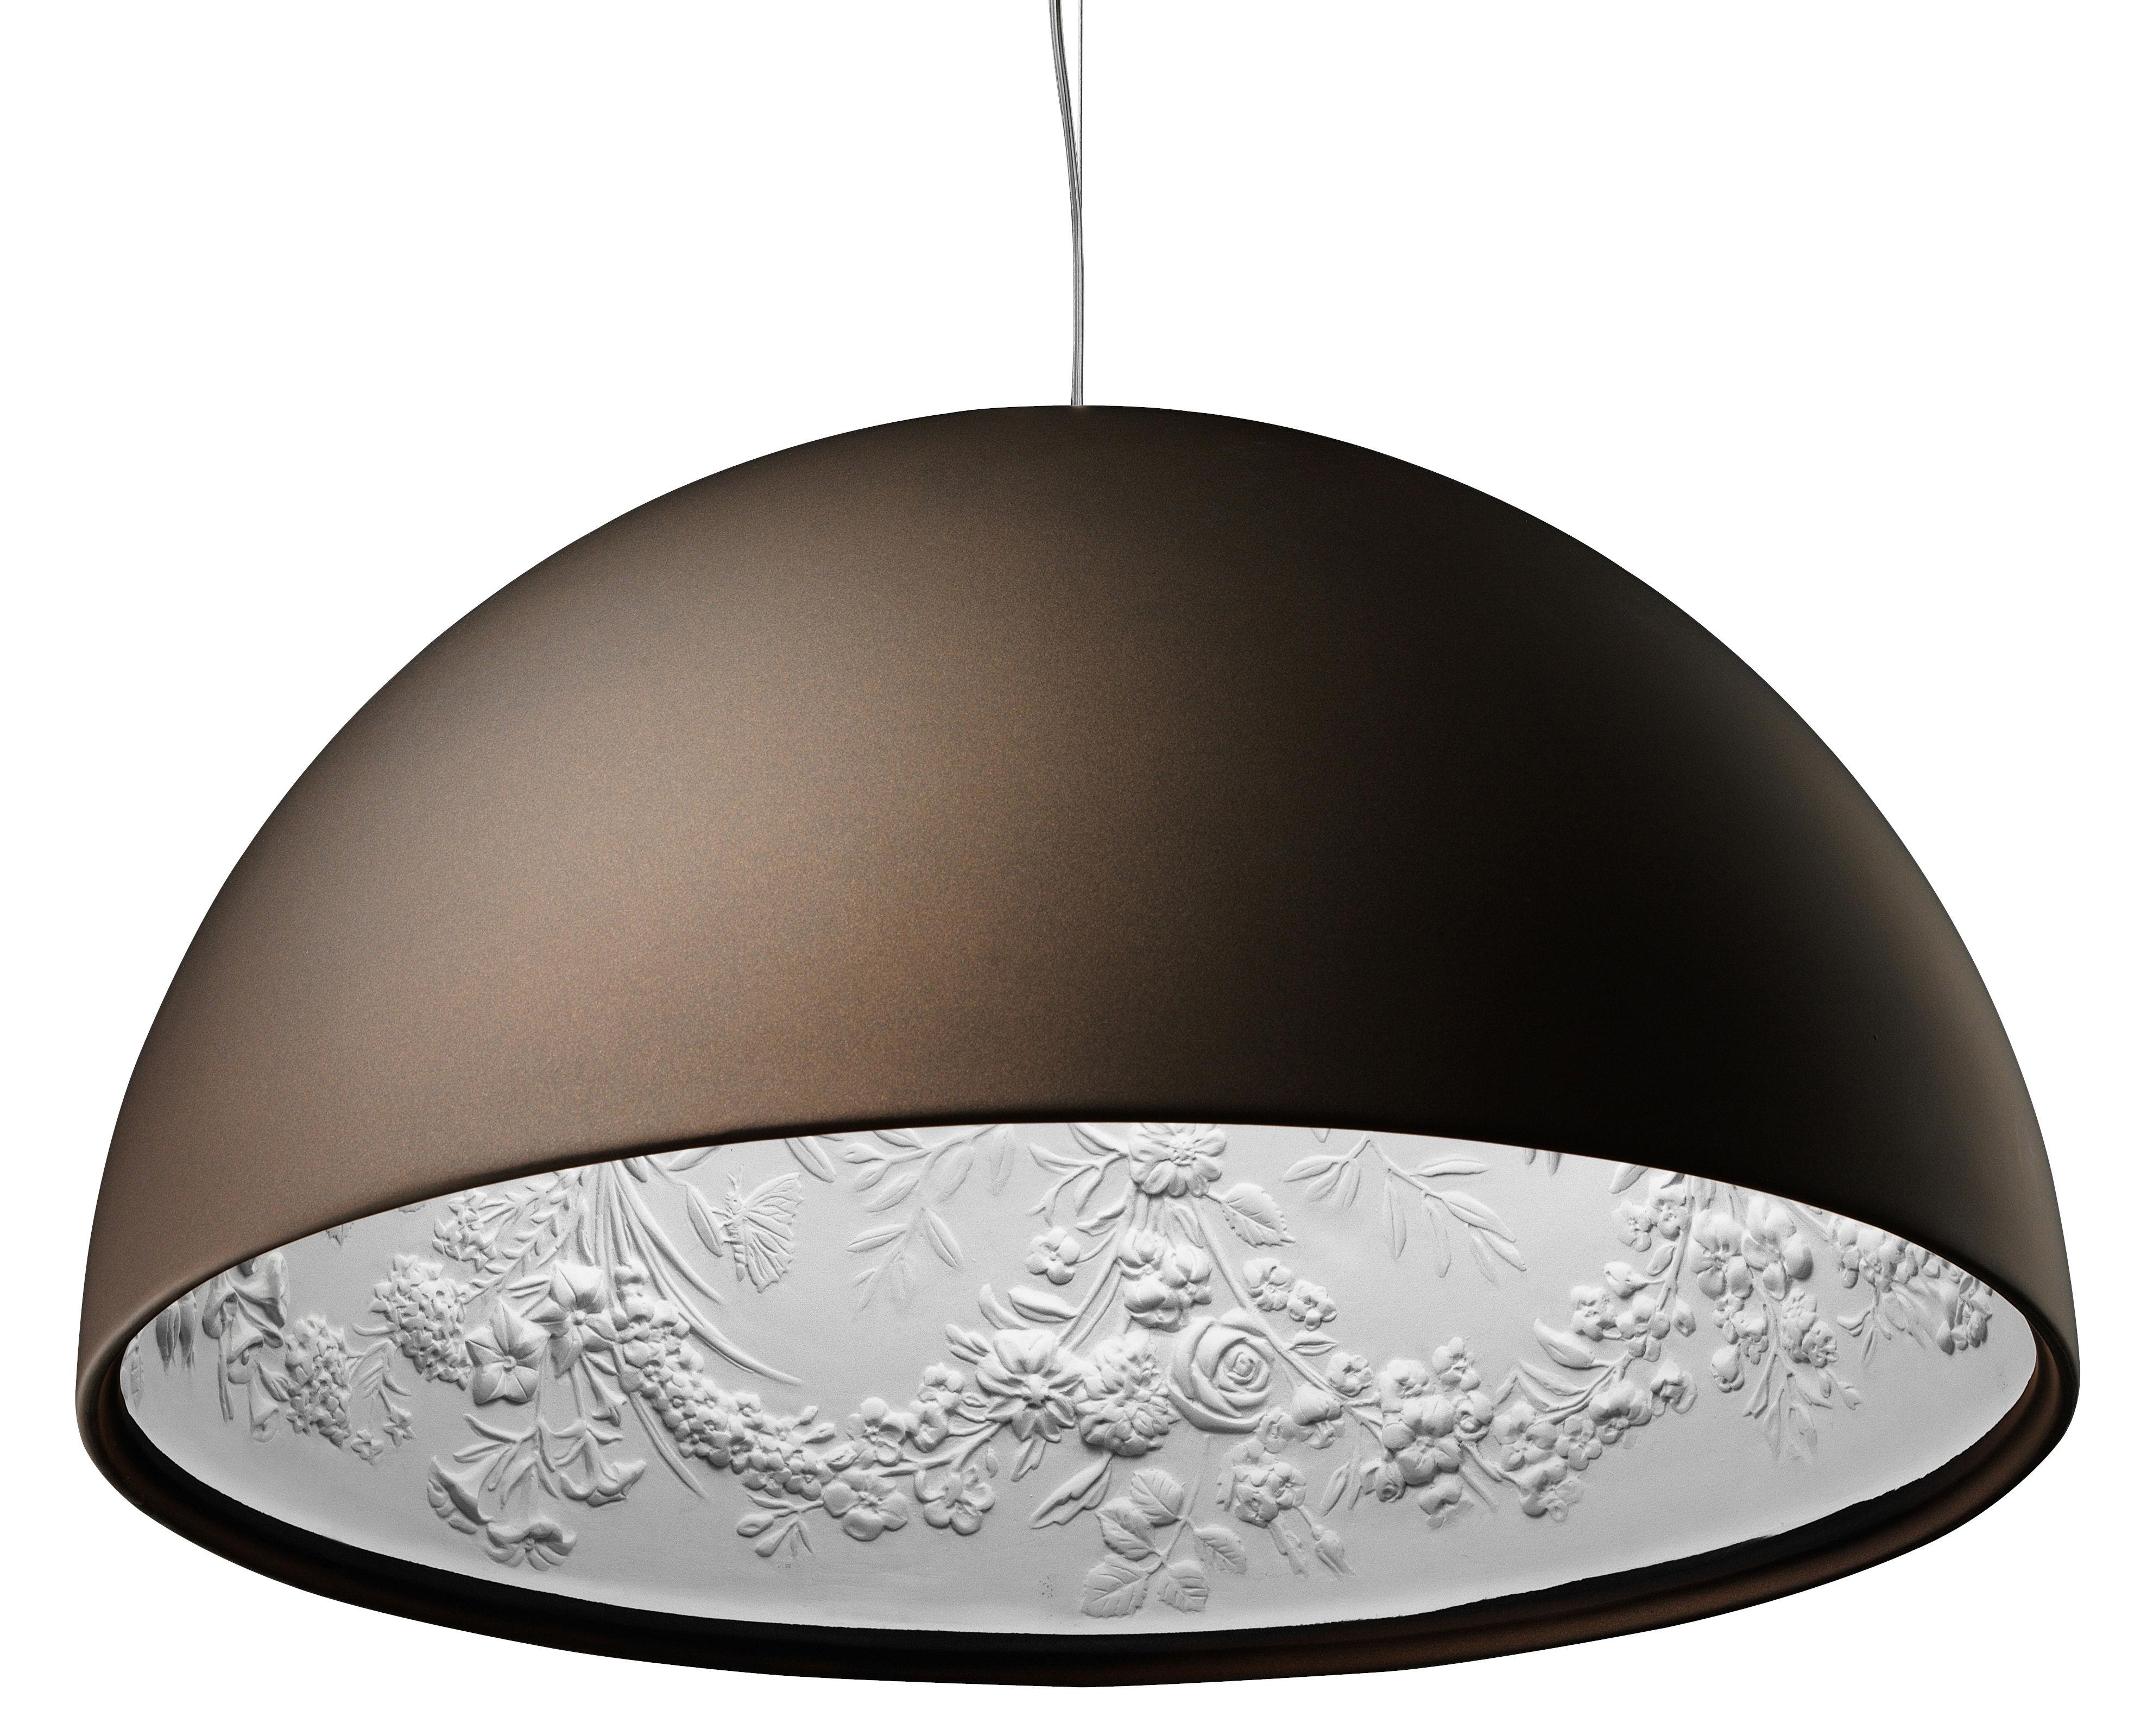 Luminaire - Suspensions - Suspension Skygarden 1 Ø 60 cm / Halogène - Flos - Bronze mat - Aluminium, Plâtre